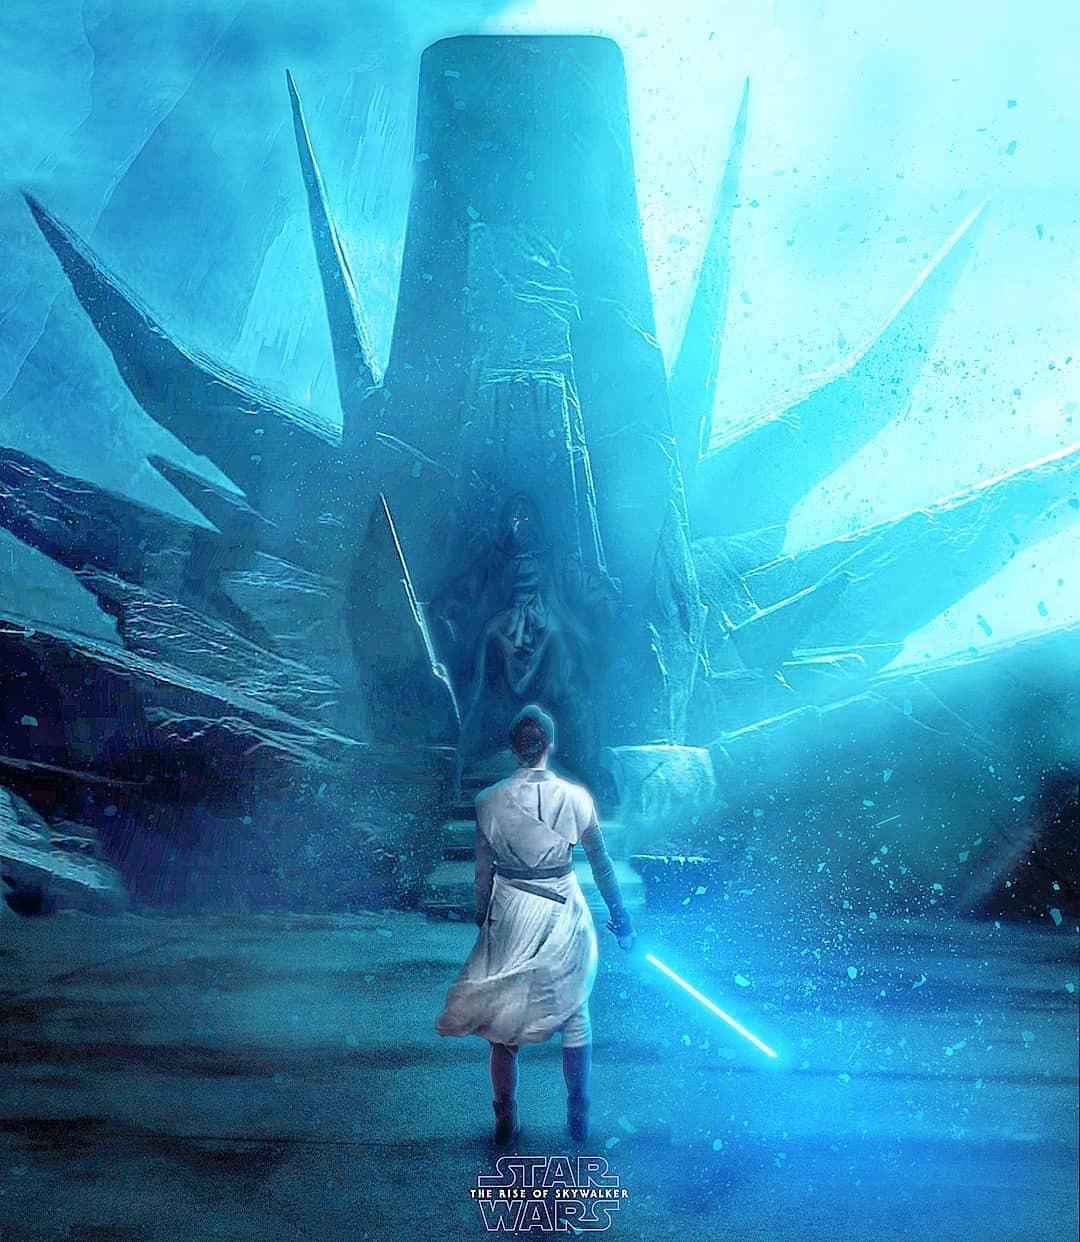 Star Wars The Rise Of Skywalker Fan Art Poster No 4 Geek Carl